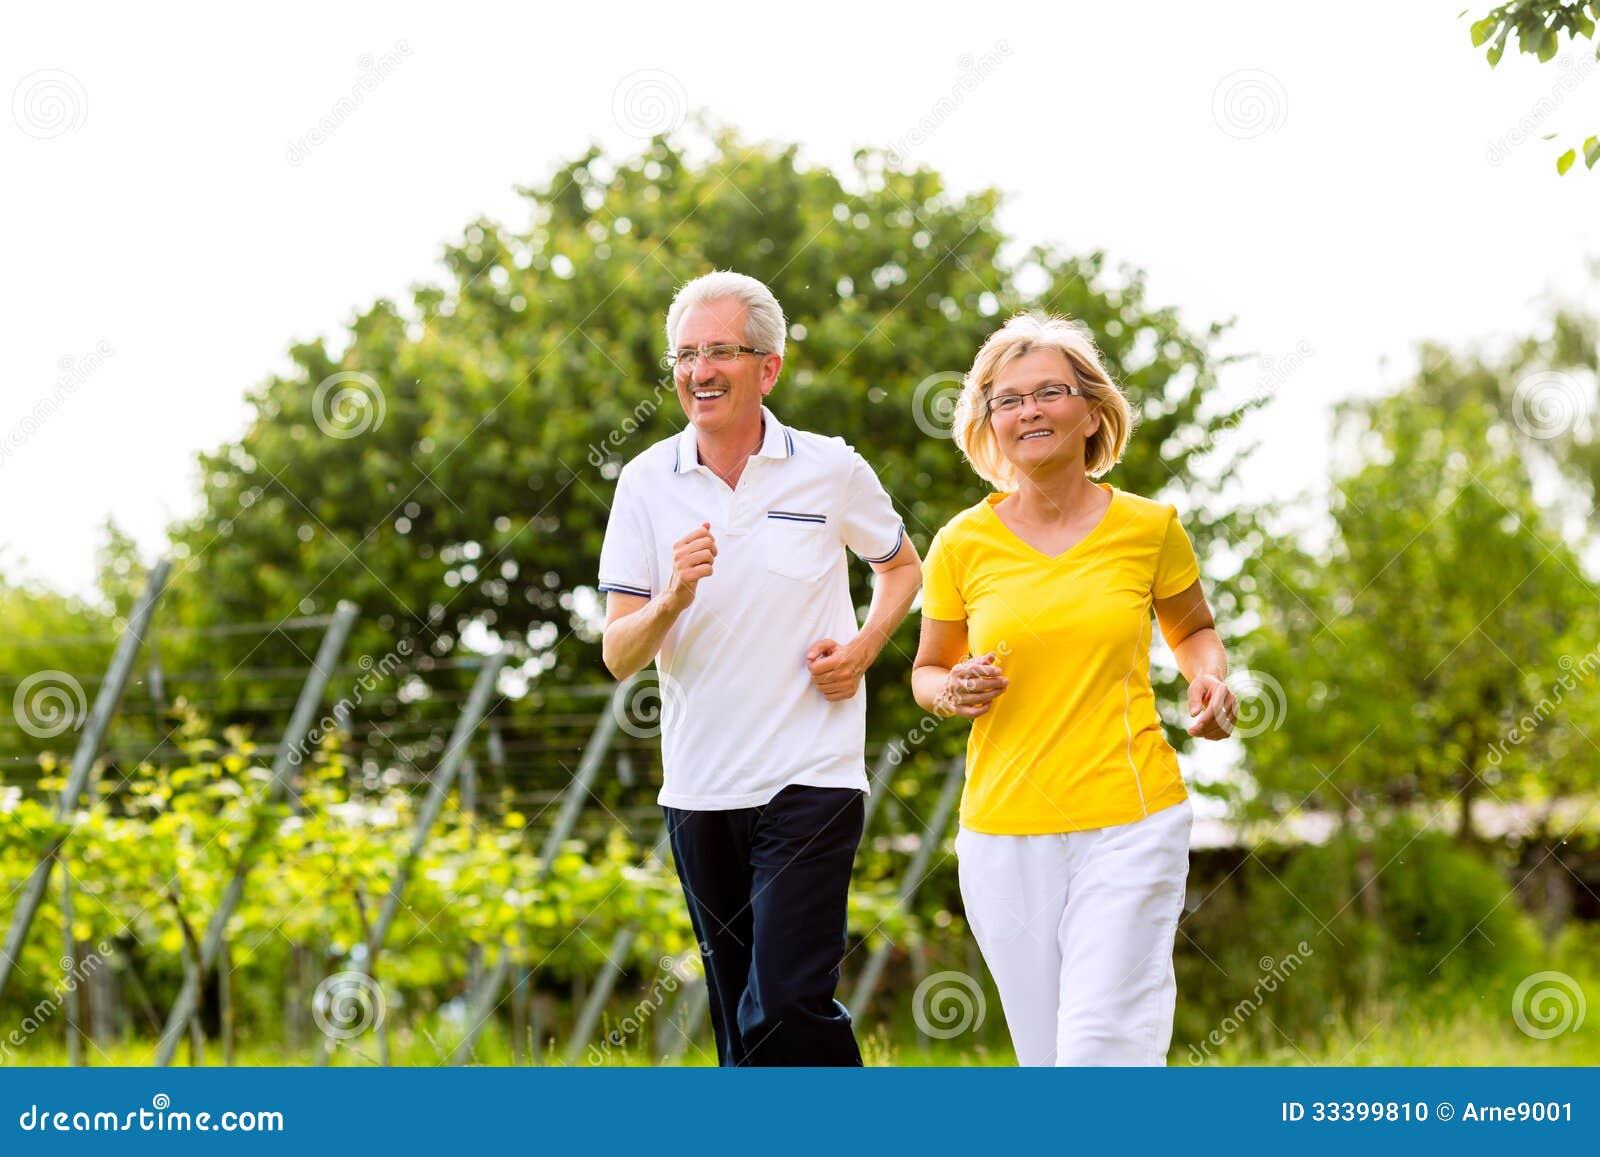 clipart anziani sport - photo #27